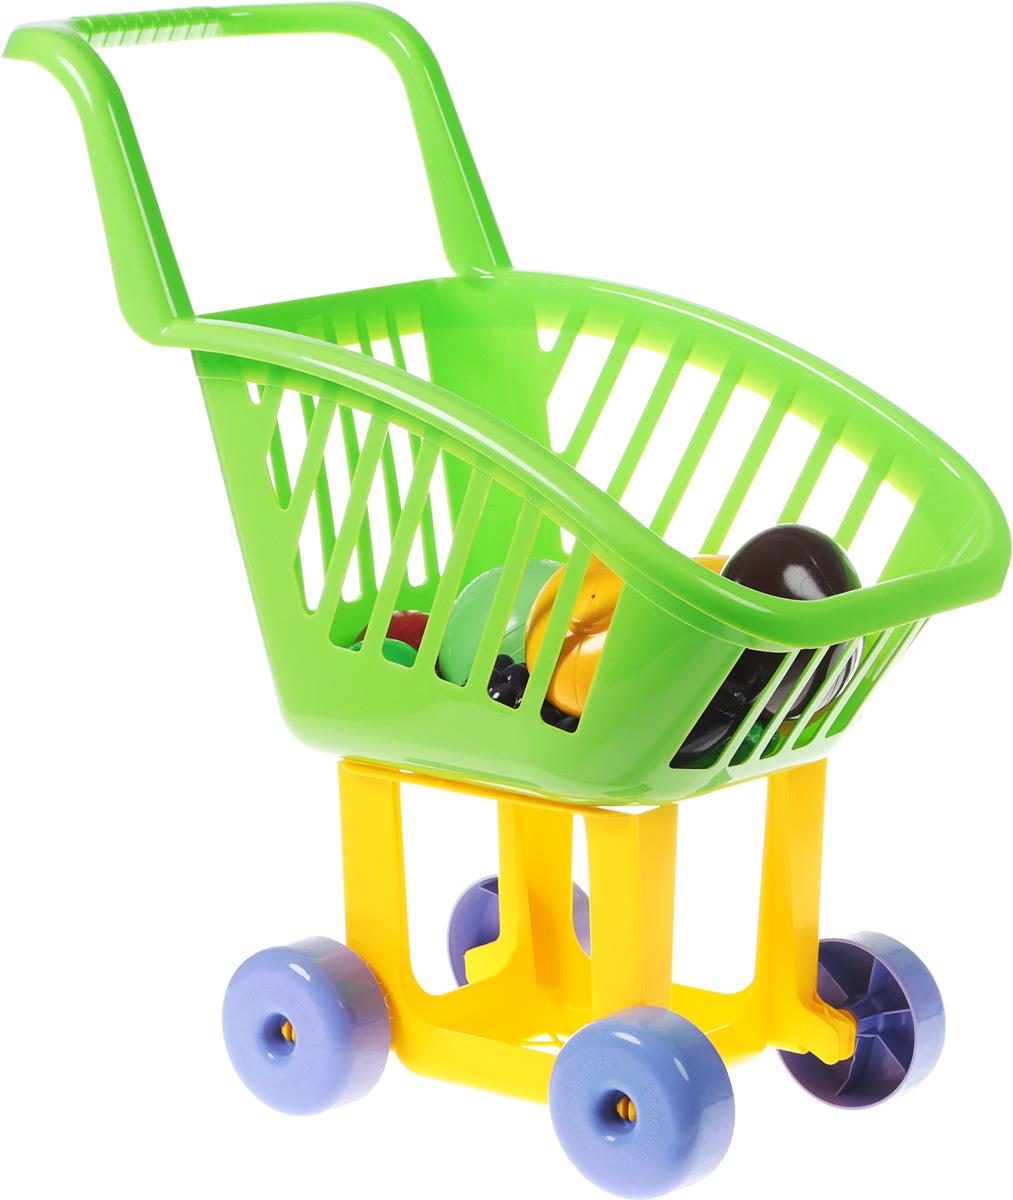 Фото - Пластмастер Игровой набор Мой Урожай цвет зеленый желтый пластмастер игровой набор витаминчик цвет оранжевый сиреневый